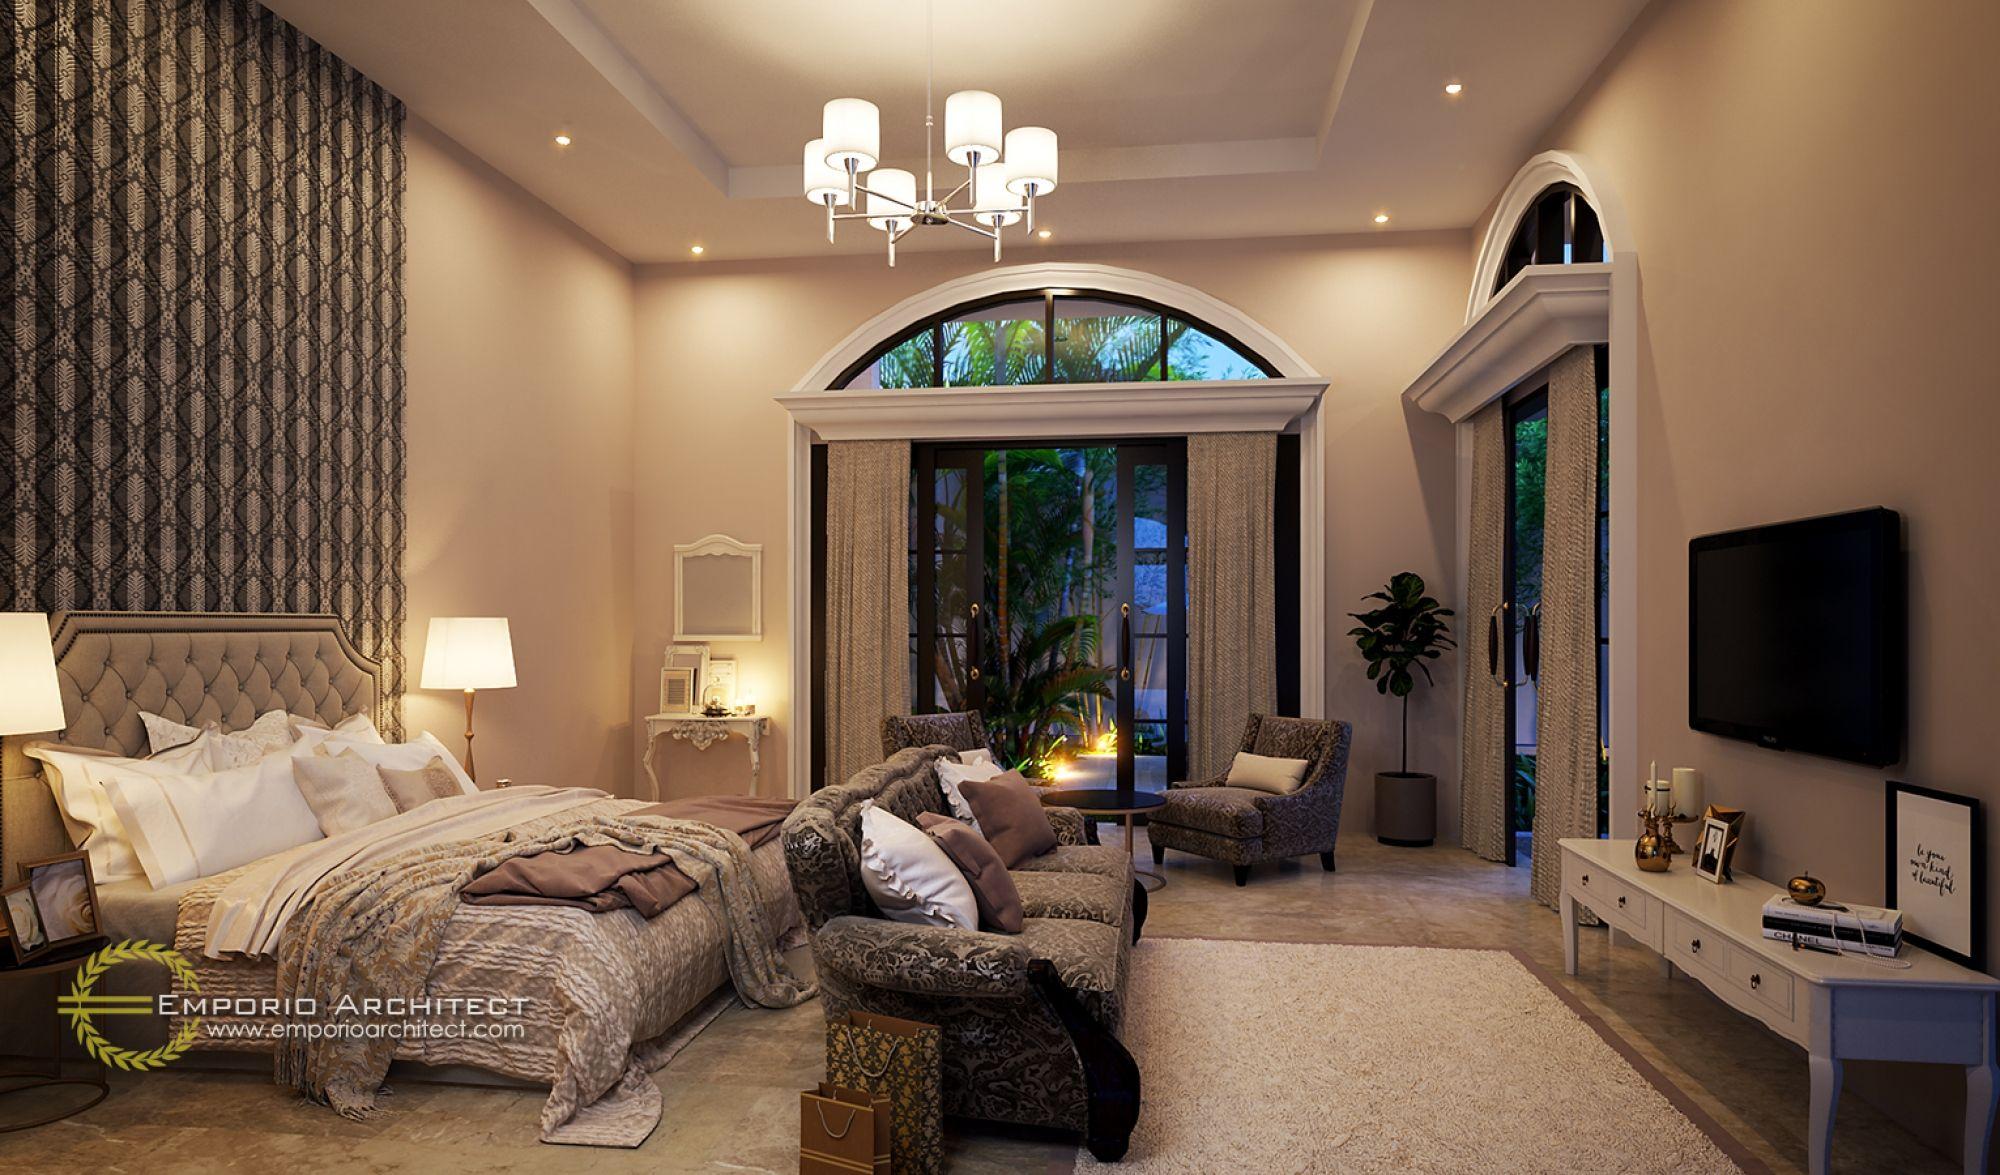 Jasa Desain Interior Rumah - Bedroom #desaininterior #desaininteriorrumah #jasainterior #jasadesaininterior #interiorrumah #jasainteriorrumah #interiorrumahminimalis #interiorrumahmodern